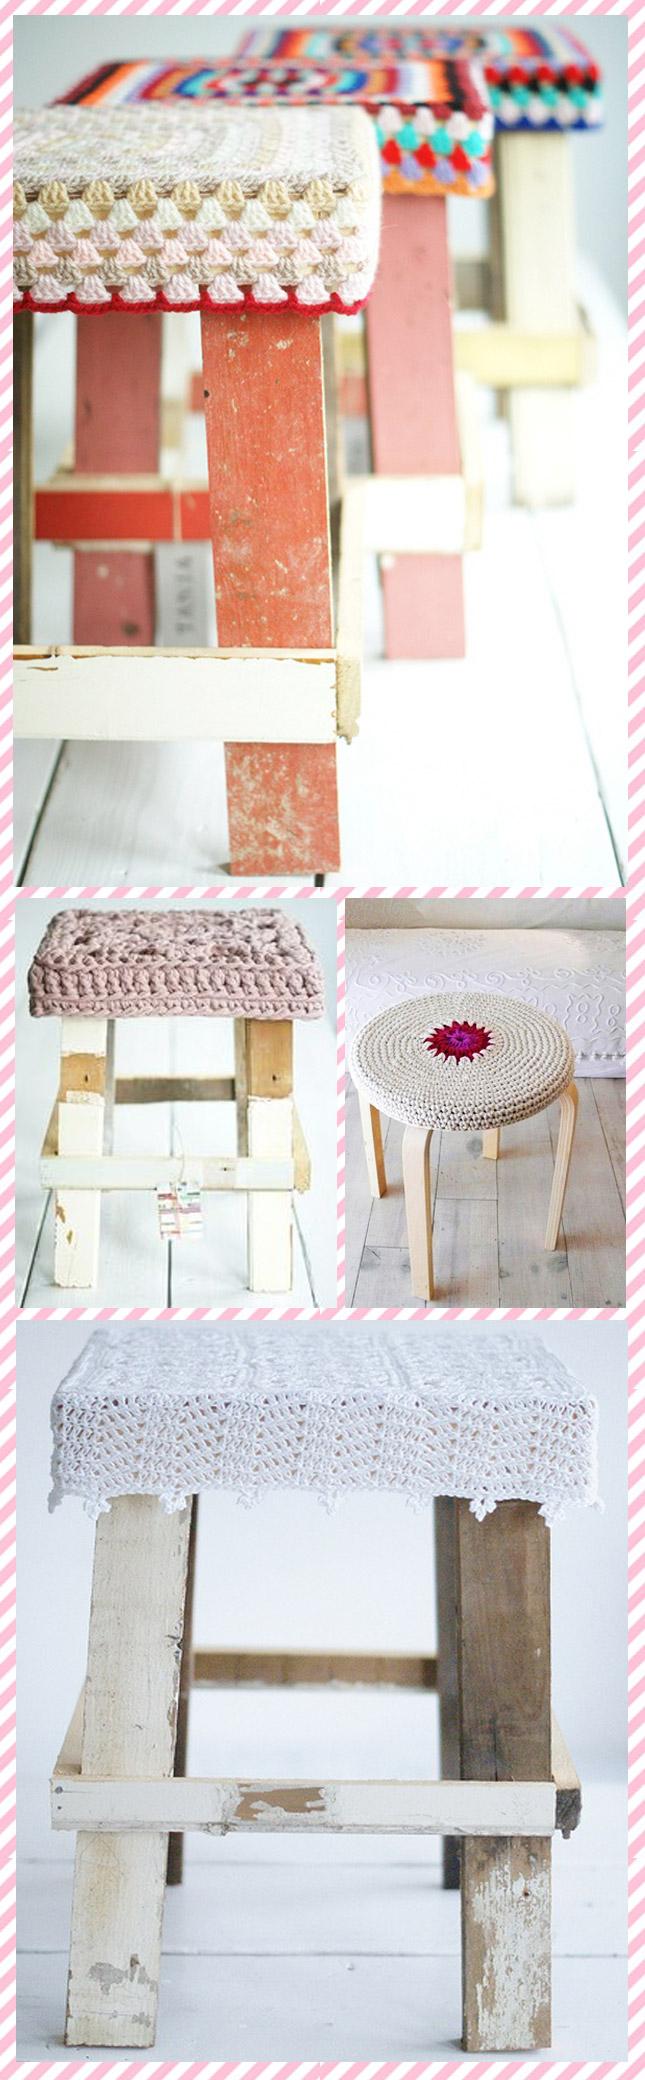 decoradornet-banquinho-croche-2